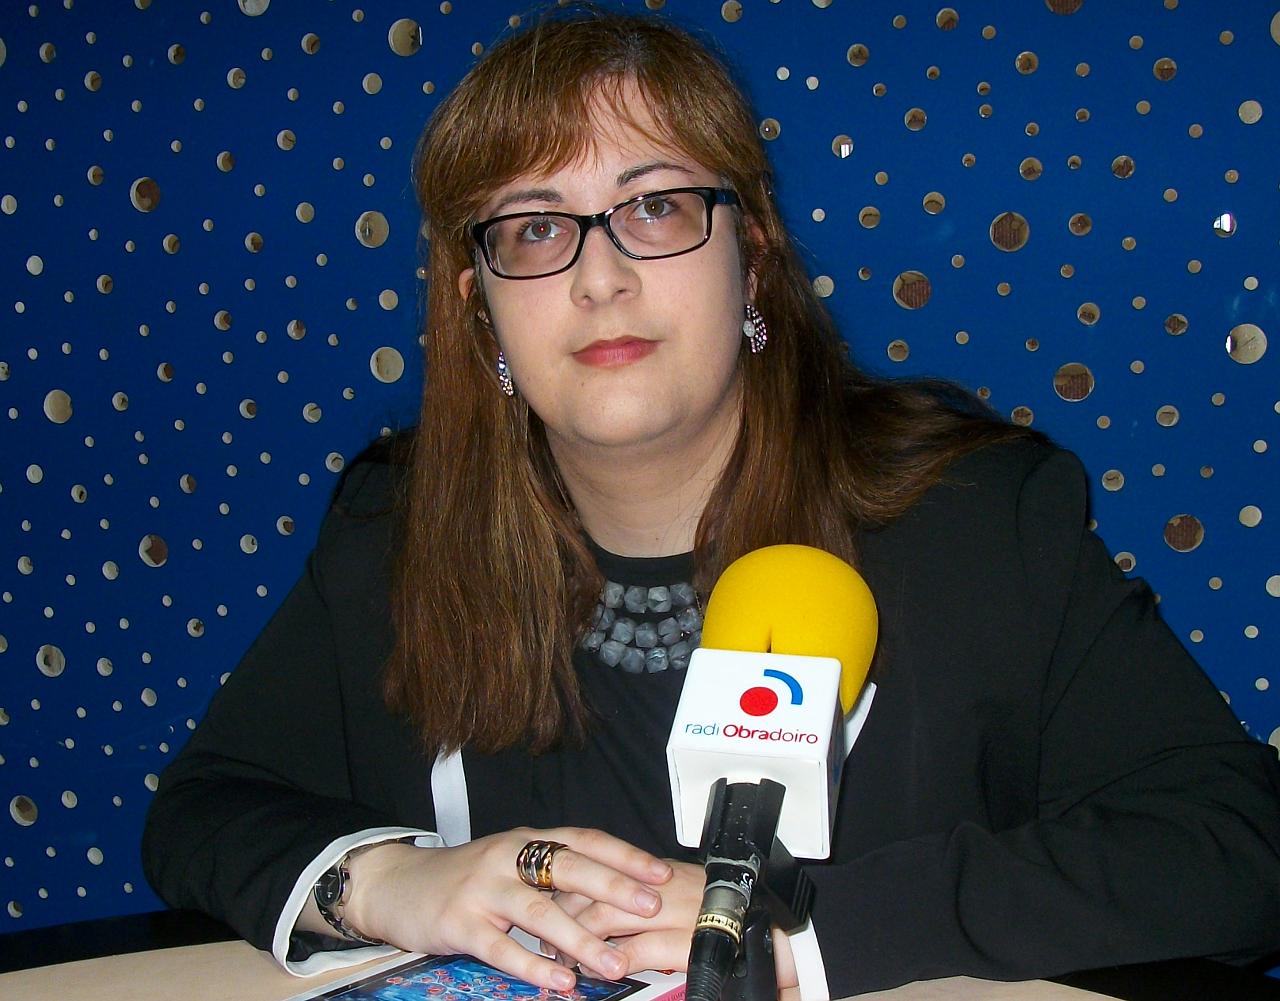 Arantxa Serantes en Radio Obradoiro - FOTO: Radio Obradoiro